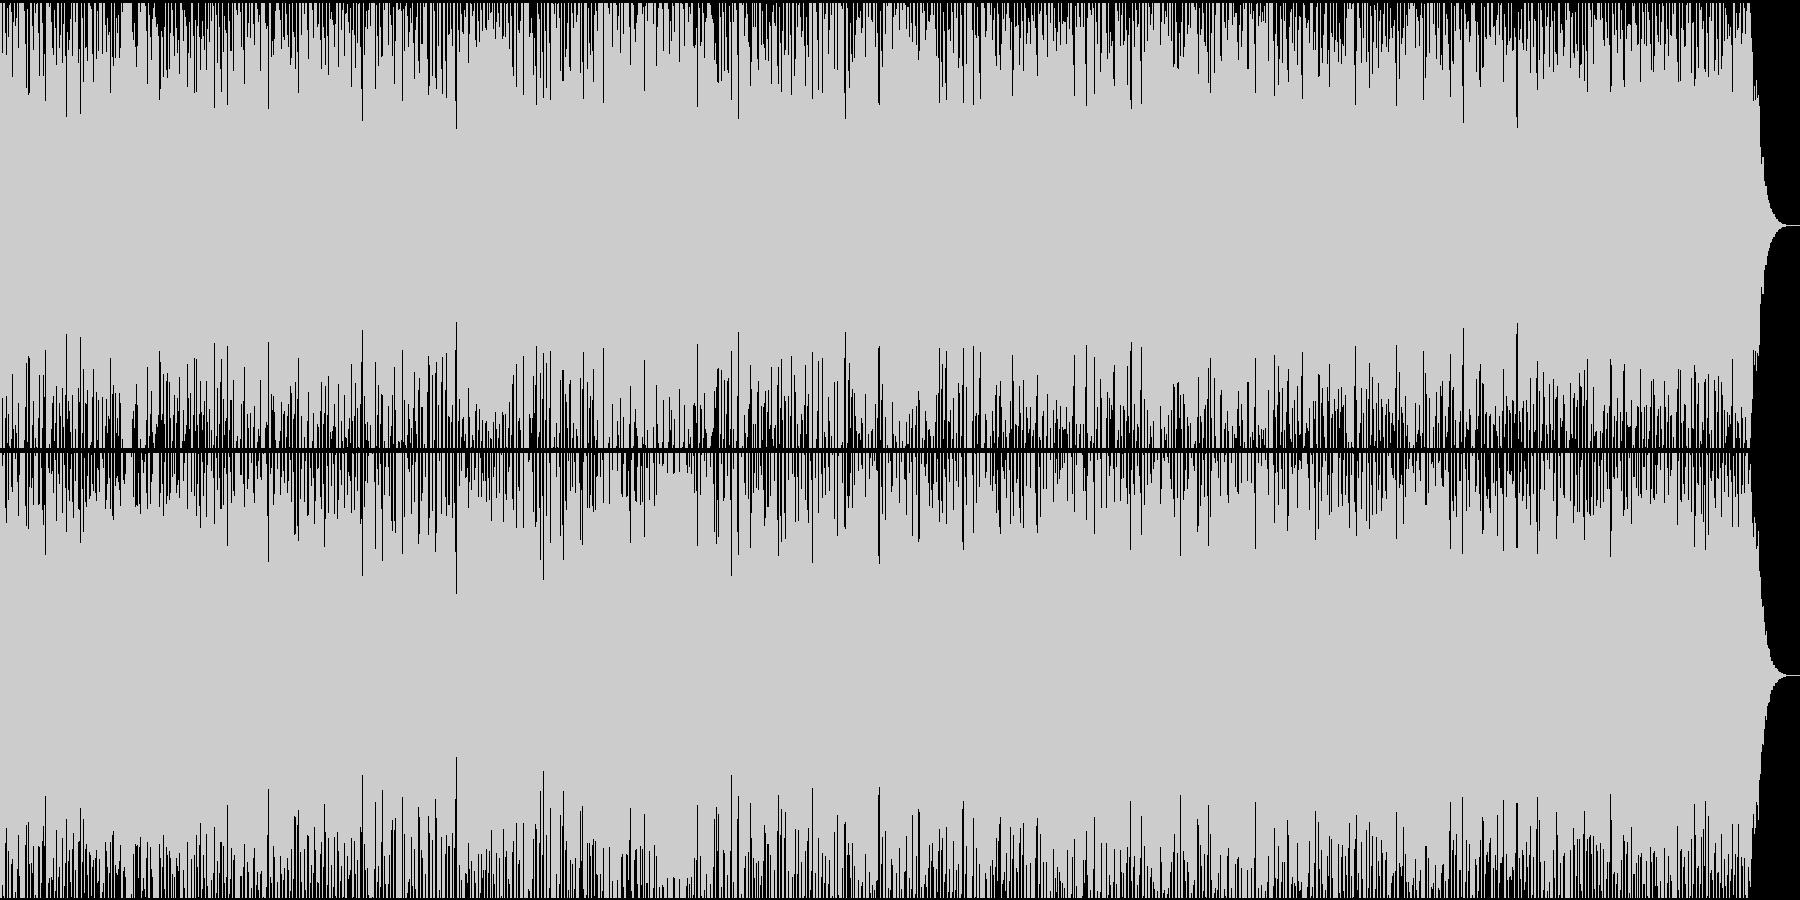 エレキギターのロカビリーの未再生の波形